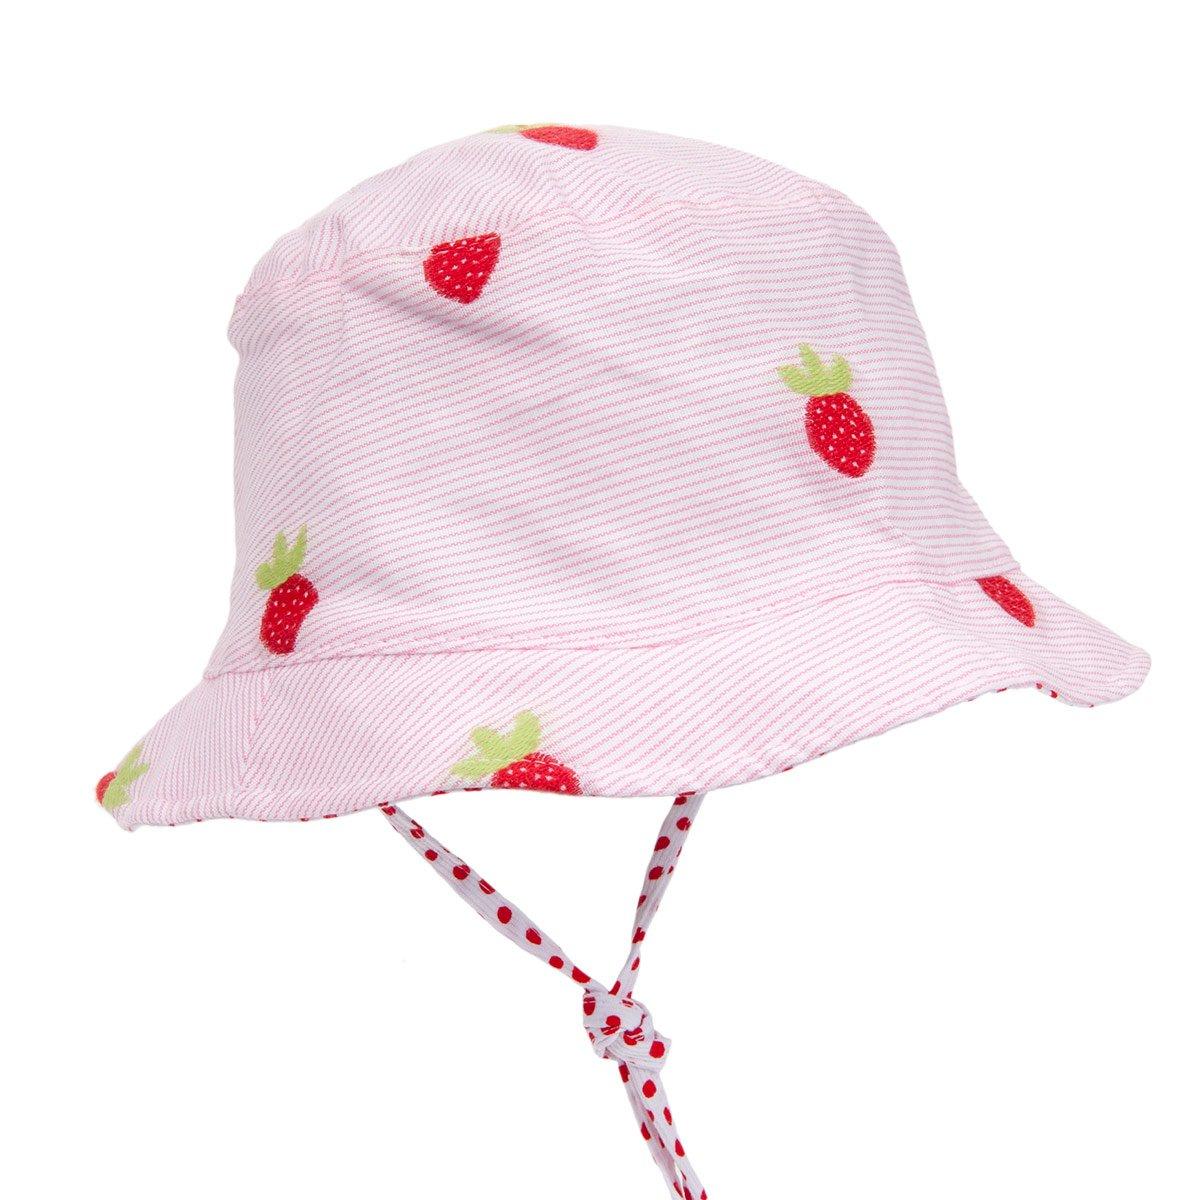 prezzo ridotto a basso prezzo moda di vendita caldo MAXIMO   cappello tessuto bimba con lacci